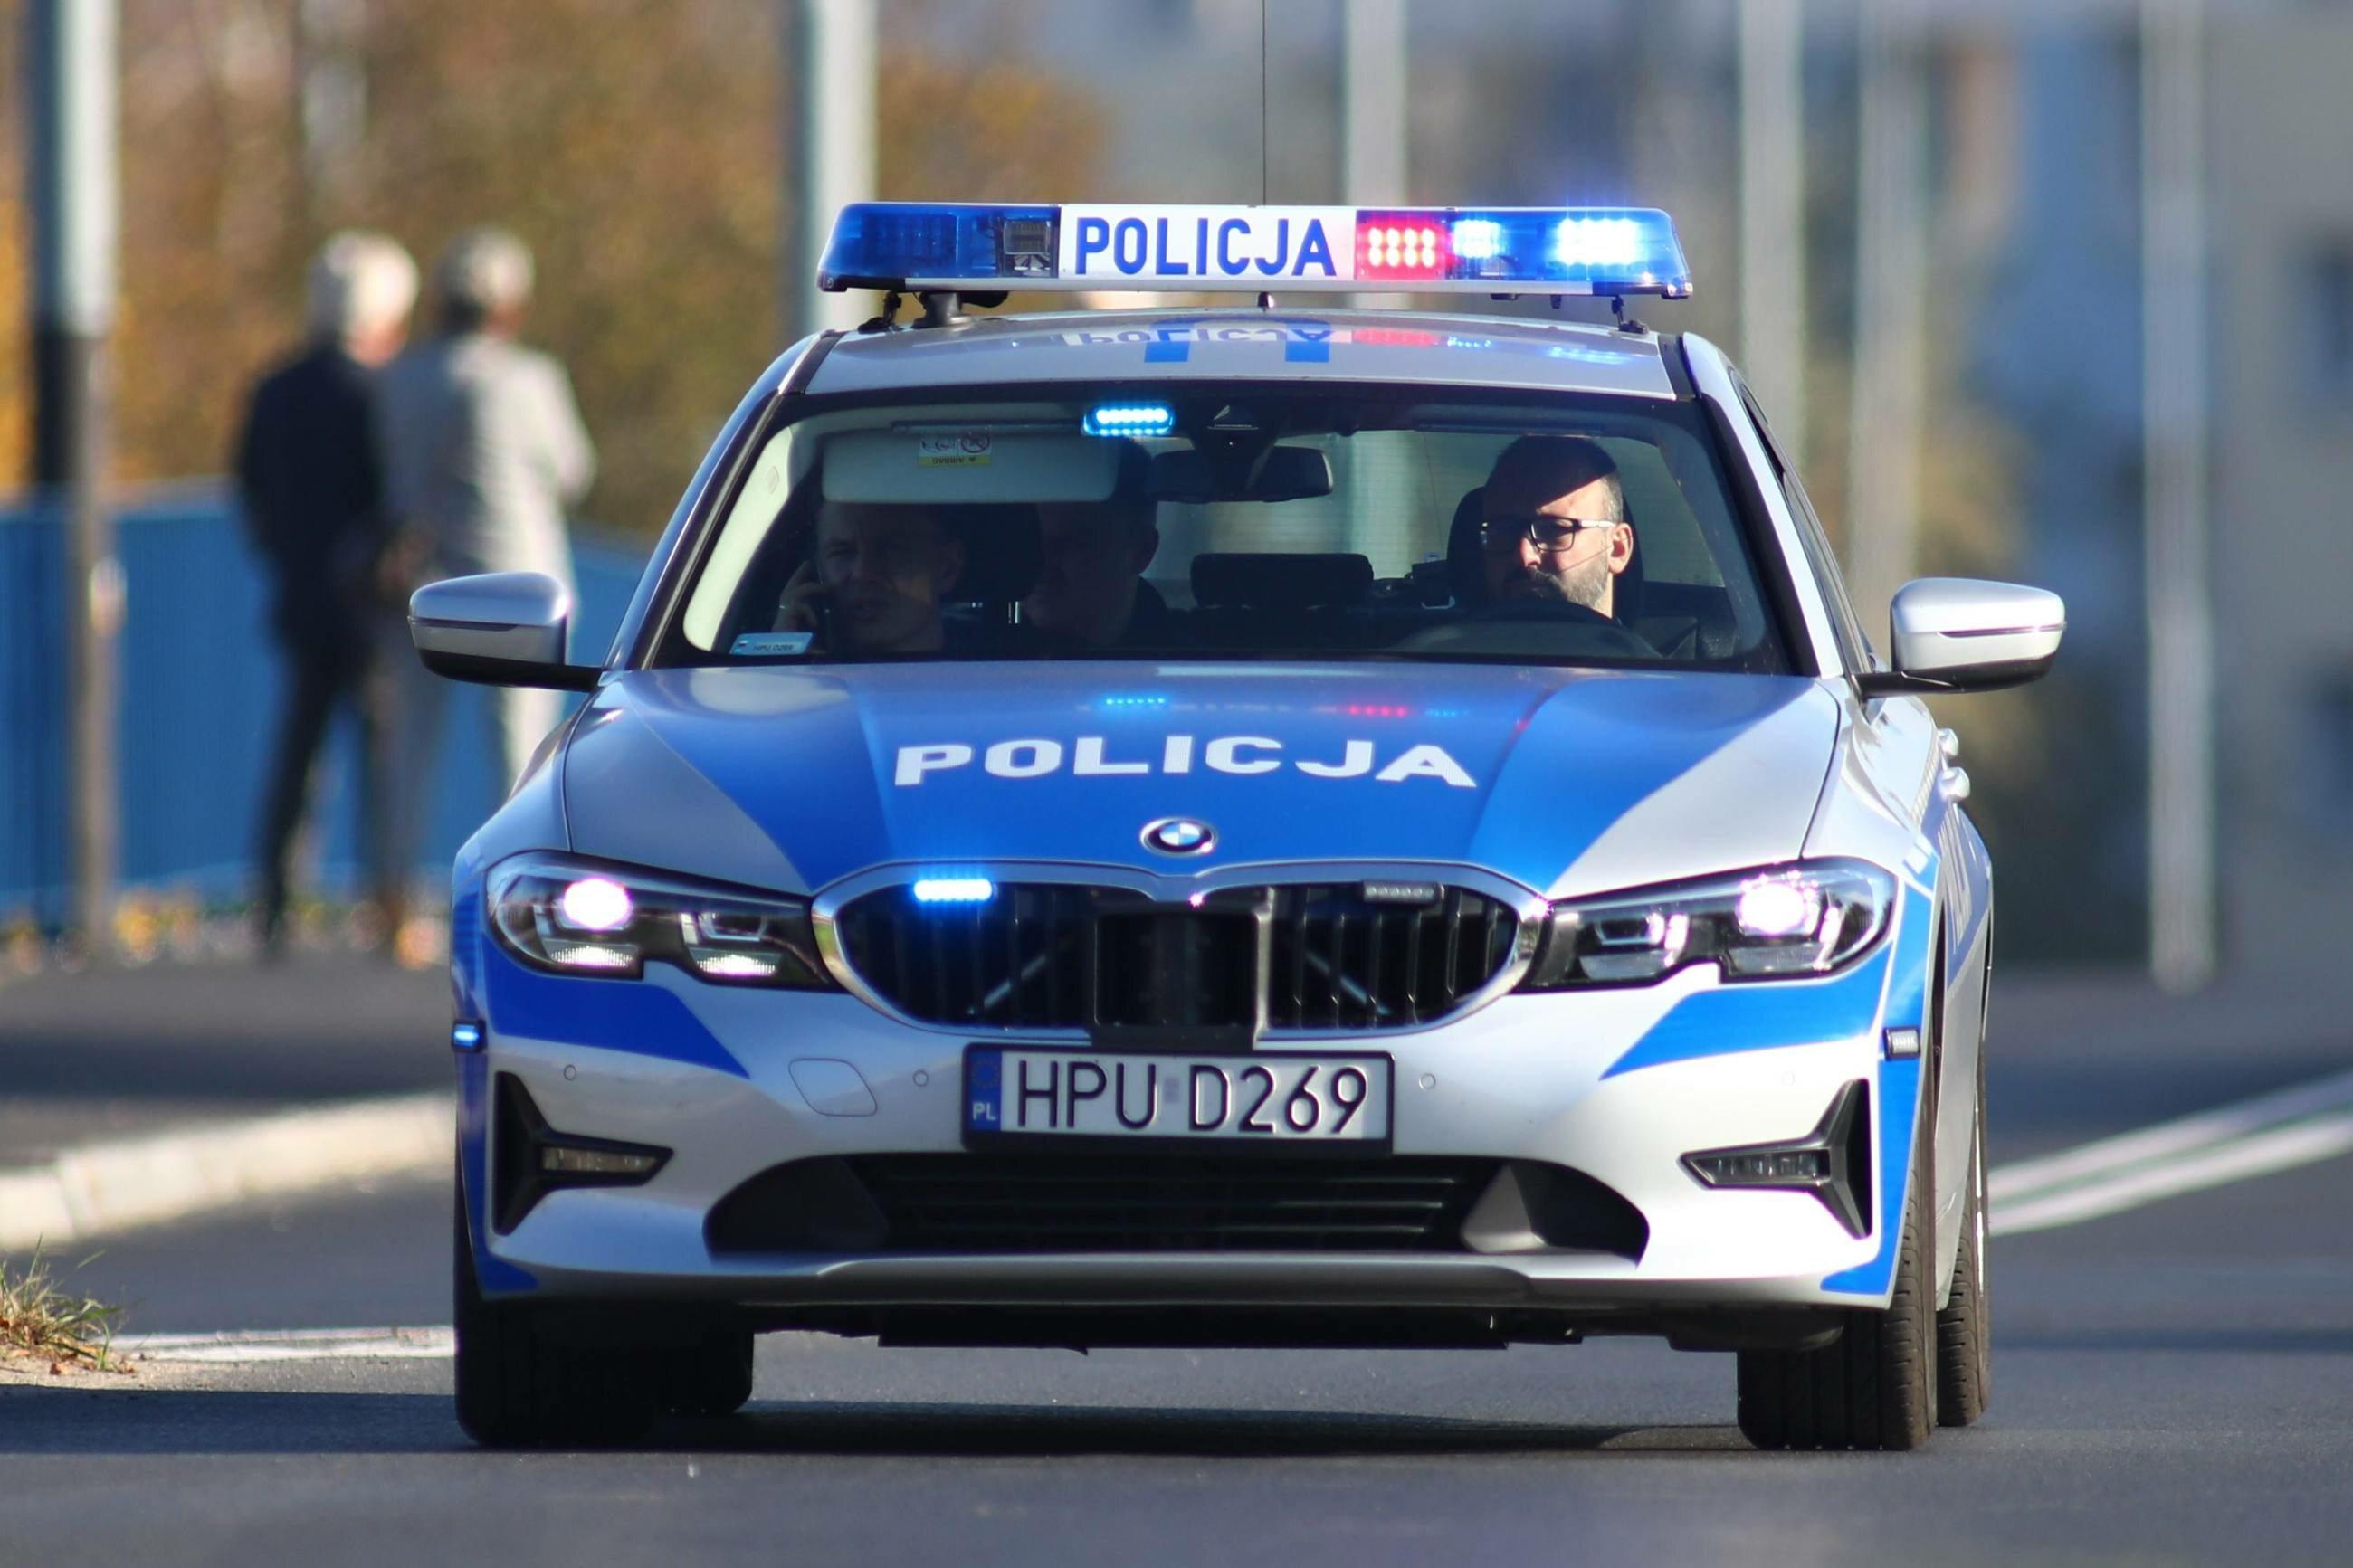 Policja, radiowóz (zdj. ilustracyjne)